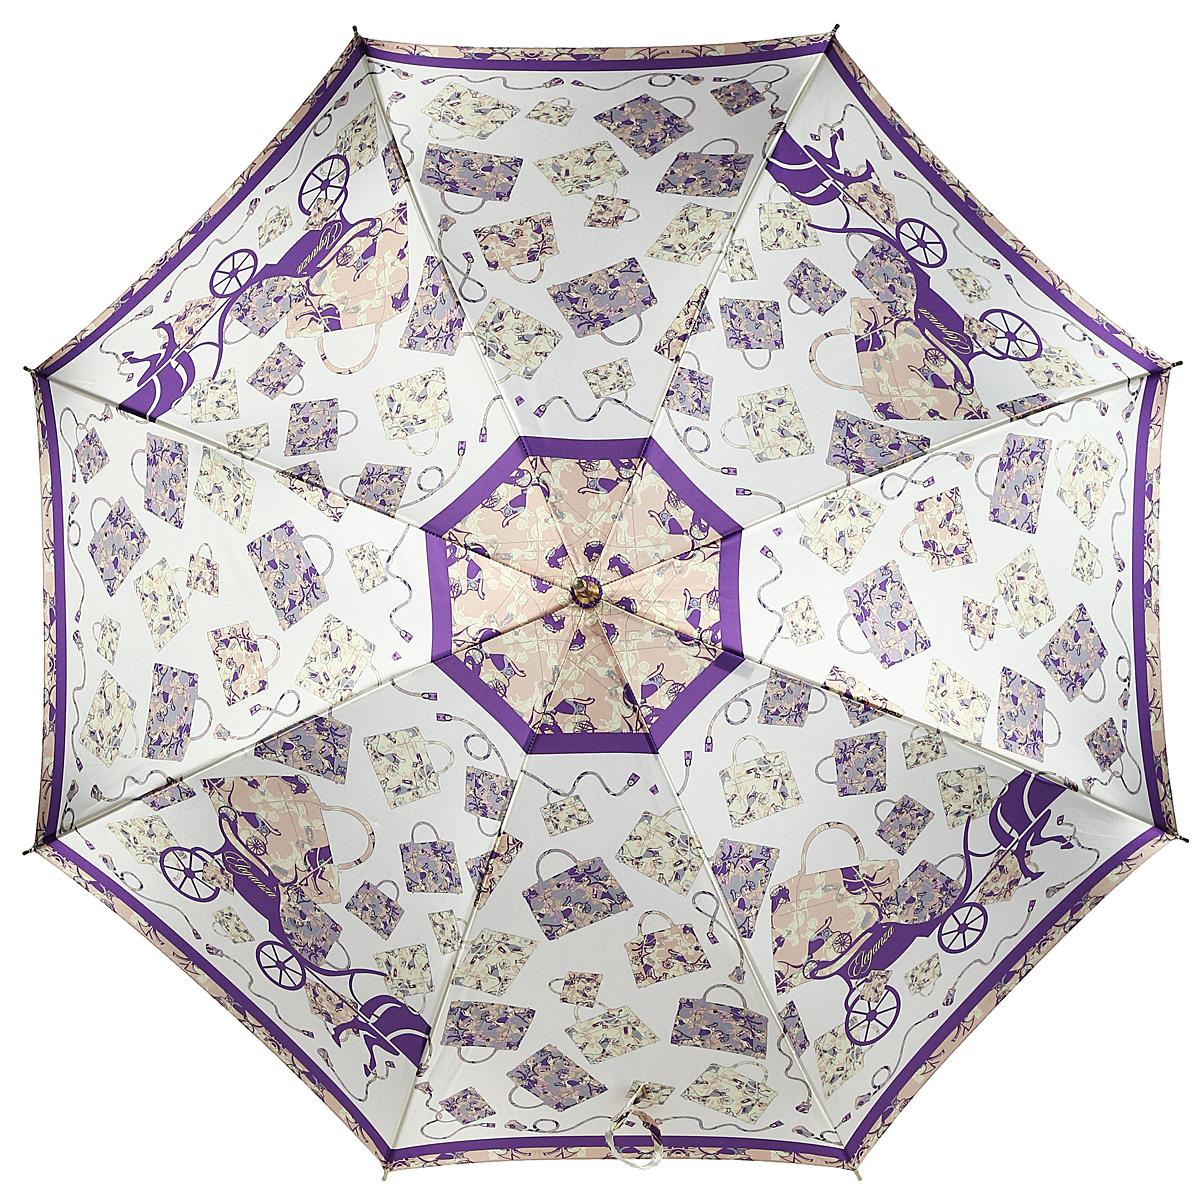 Зонт-трость Eleganzza, полуавтомат, женский, цвет: бежевый, фиолетовый. Т-06-0422T-06-0422Стильный зонт-трость Eleganzza с красочным дизайном произведен из высококачественных материалов. Каркас зонта изготовлен из восьми металлических спиц, стержня из стали и ручки из акрила в виде крюка. Купол зонтика выполнен из полиэстера с водоотталкивающей пропиткой и оформлен изображением дамских сумочек. Закрытый купол фиксируется хлястиком на кнопке. Зонт оснащен полуавтоматическим механизмом. Купол открывается нажатием кнопки на рукоятке, складывается зонт вручную до характерного щелчка. Женский зонт Eleganzza не только выручит вас в ненастную погоду, но и станет ярким аксессуаром, который прекрасно дополнит ваш модный образ.